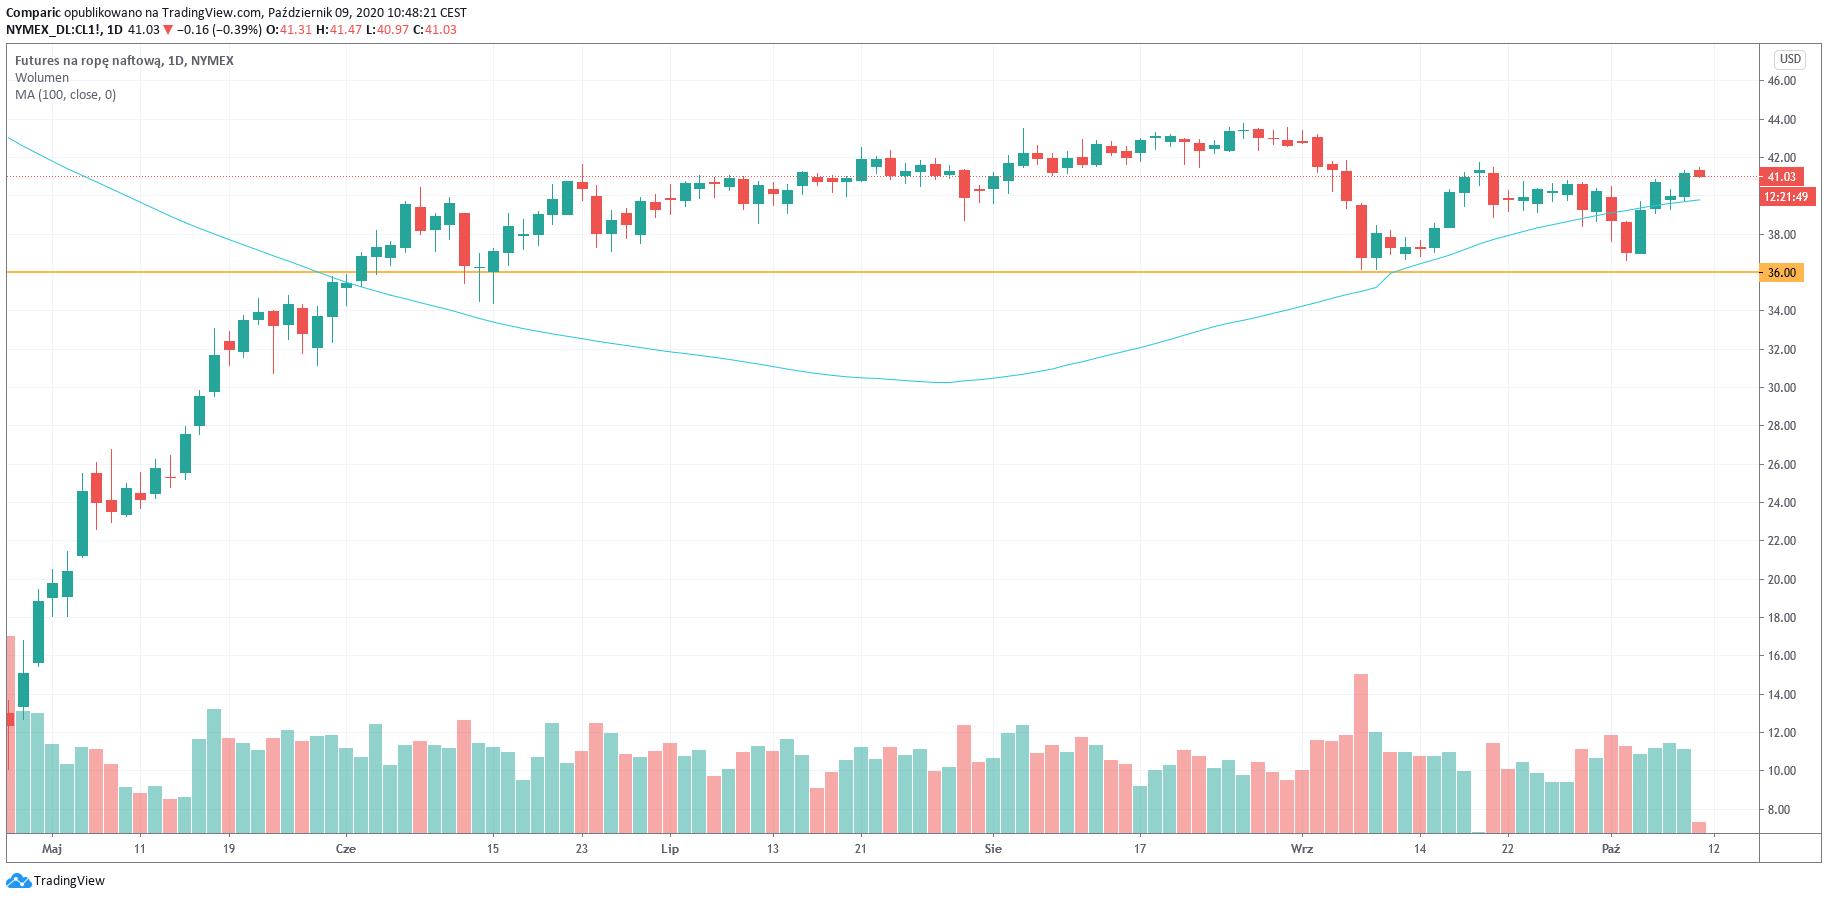 Cena ropy zmierza do największego tygodniowego wzrostu od czerwca